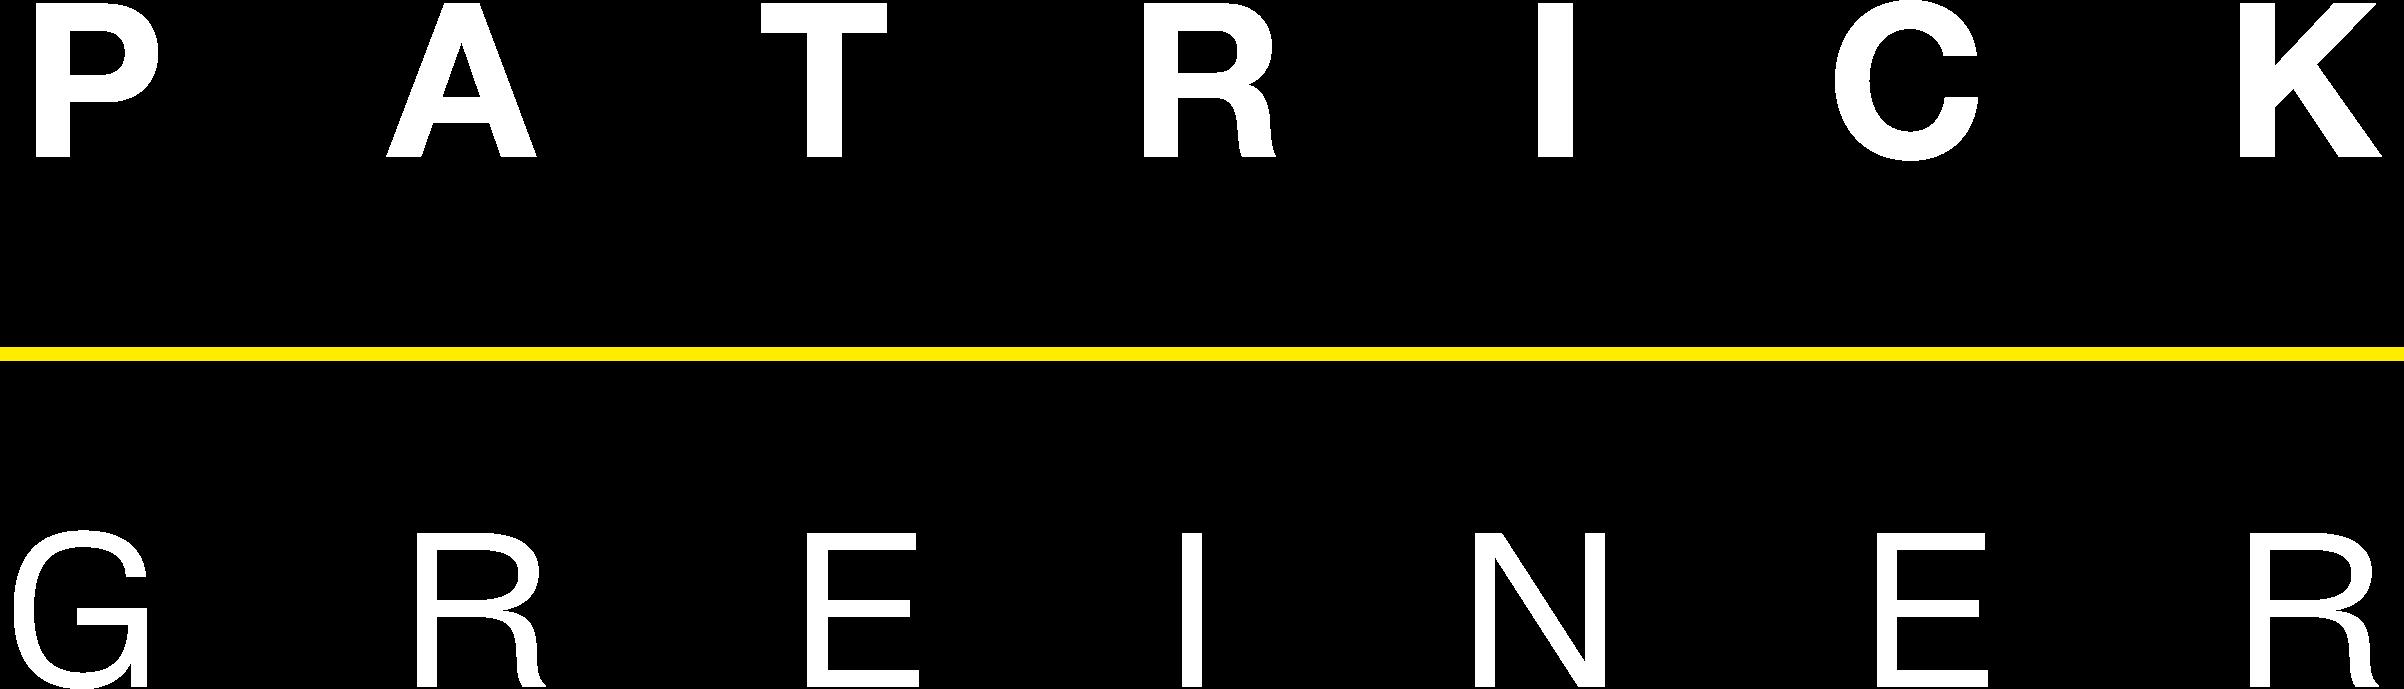 logo-patrick-greiner-weiss